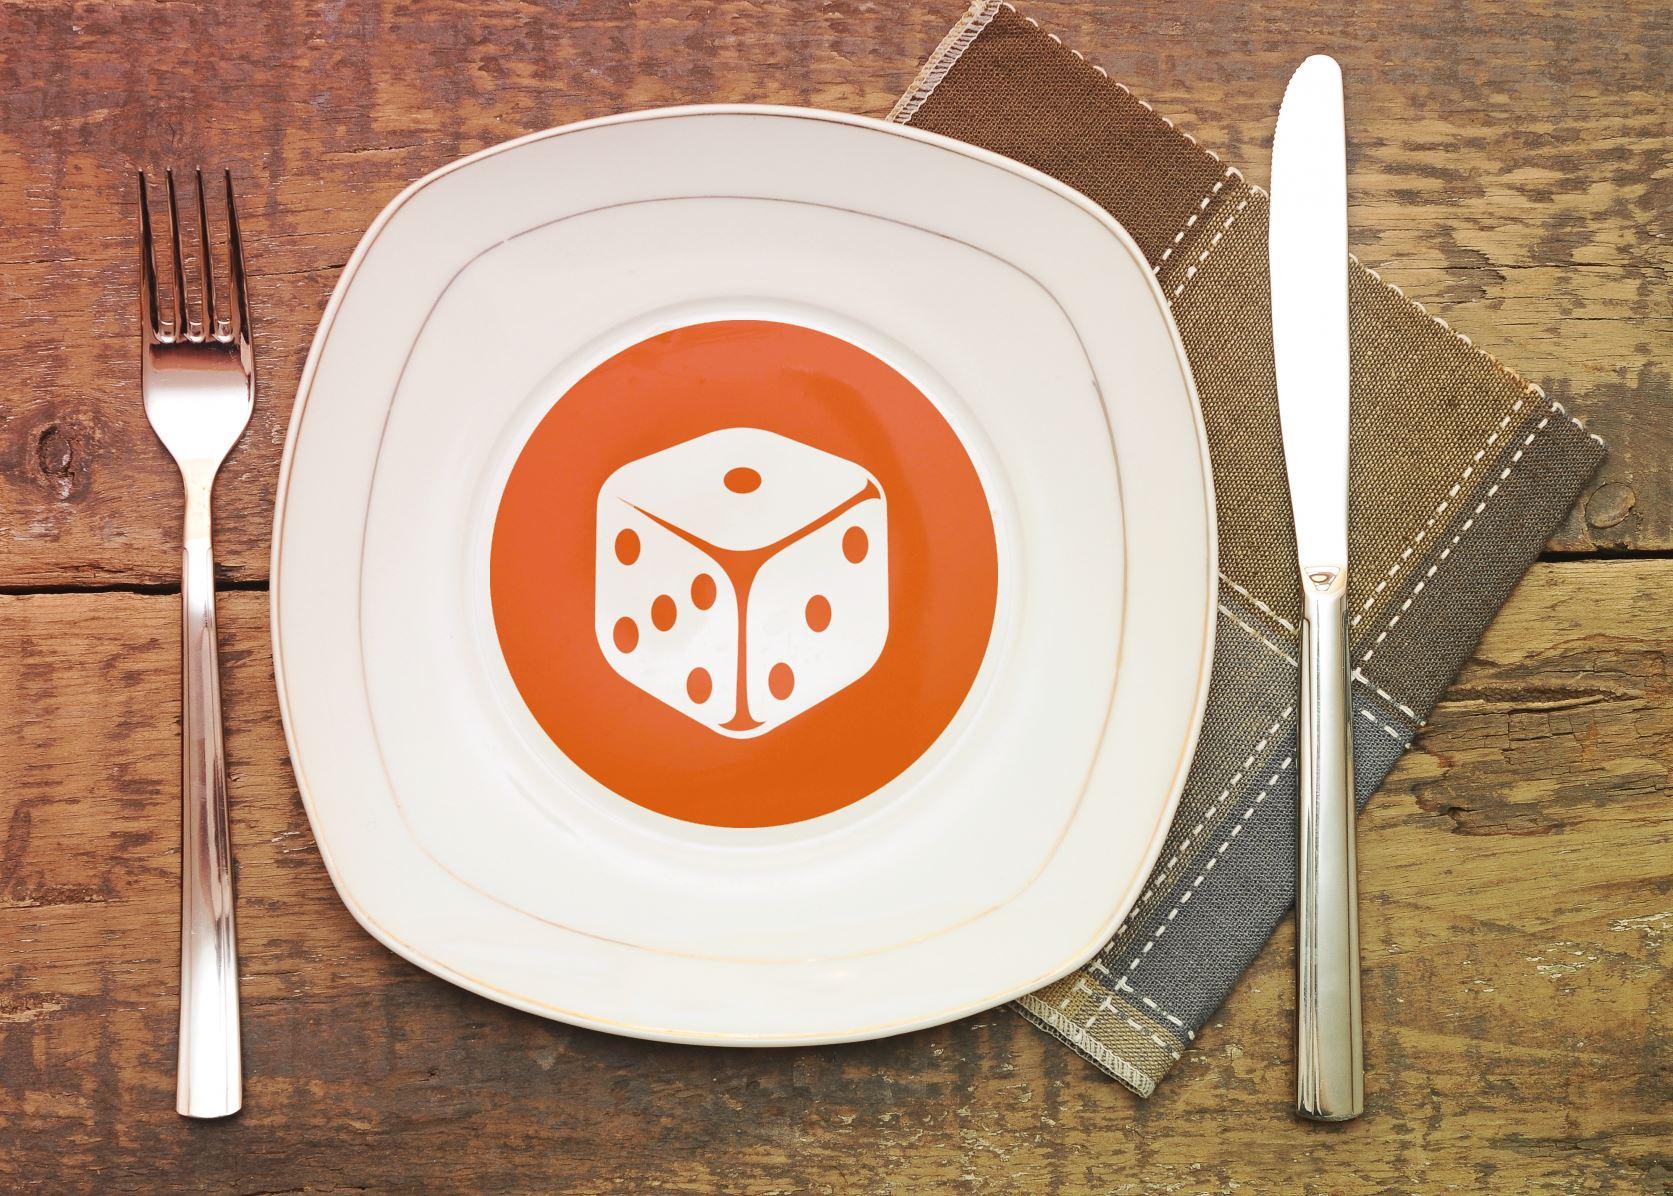 Star bene a tavola  le buone maniere al tavolo da gioco (dei nauti ... bfc90f4766b2